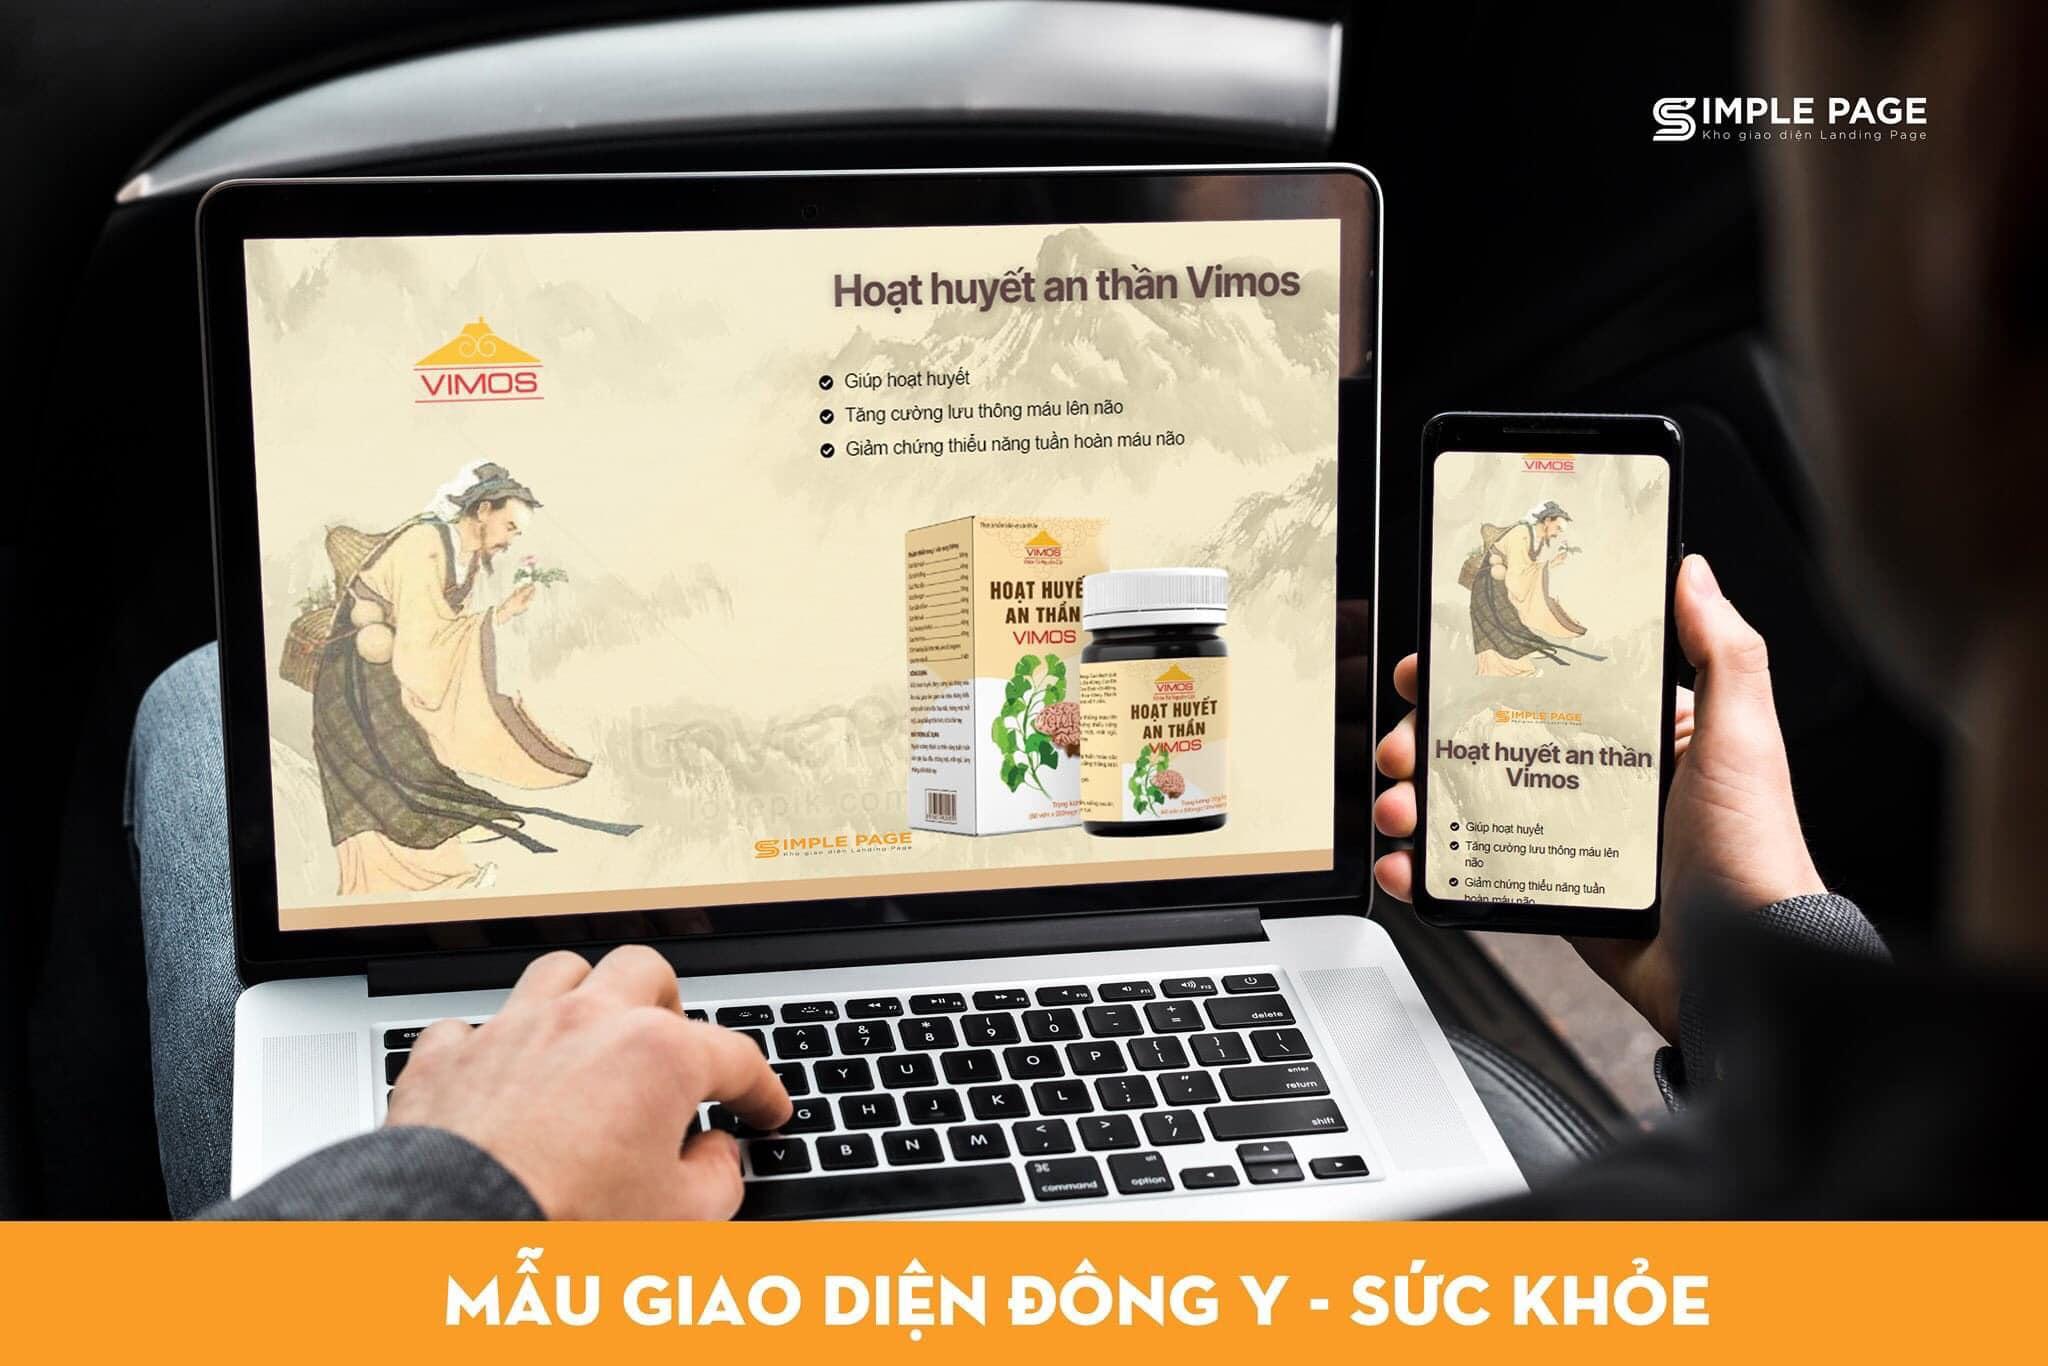 Landing Page về Đông y – Sức Khỏe